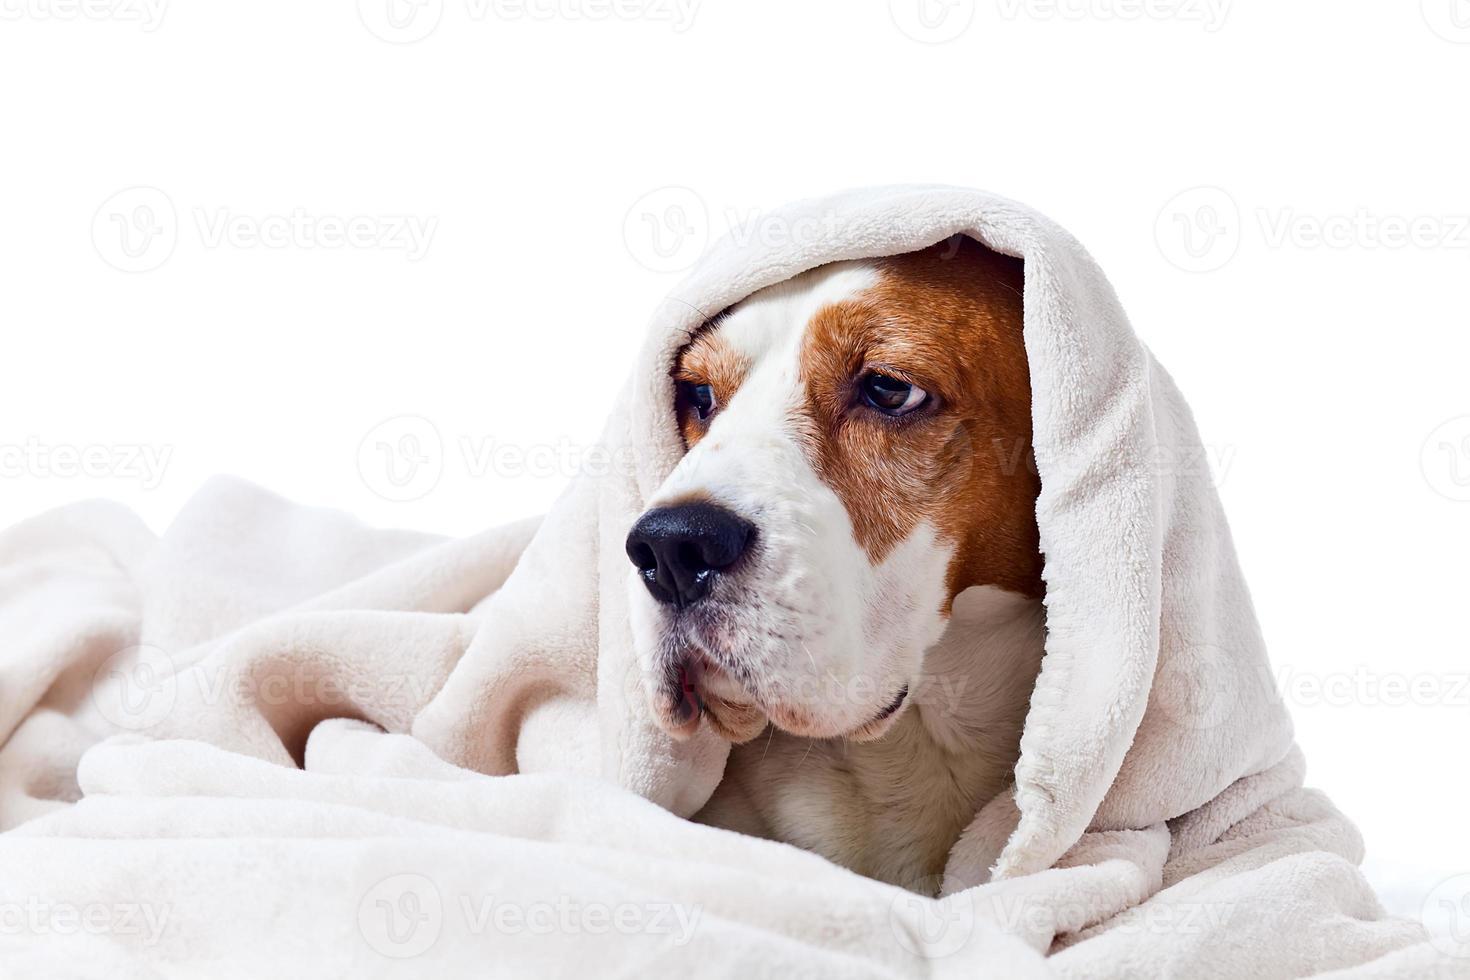 hond onder een deken op wit foto